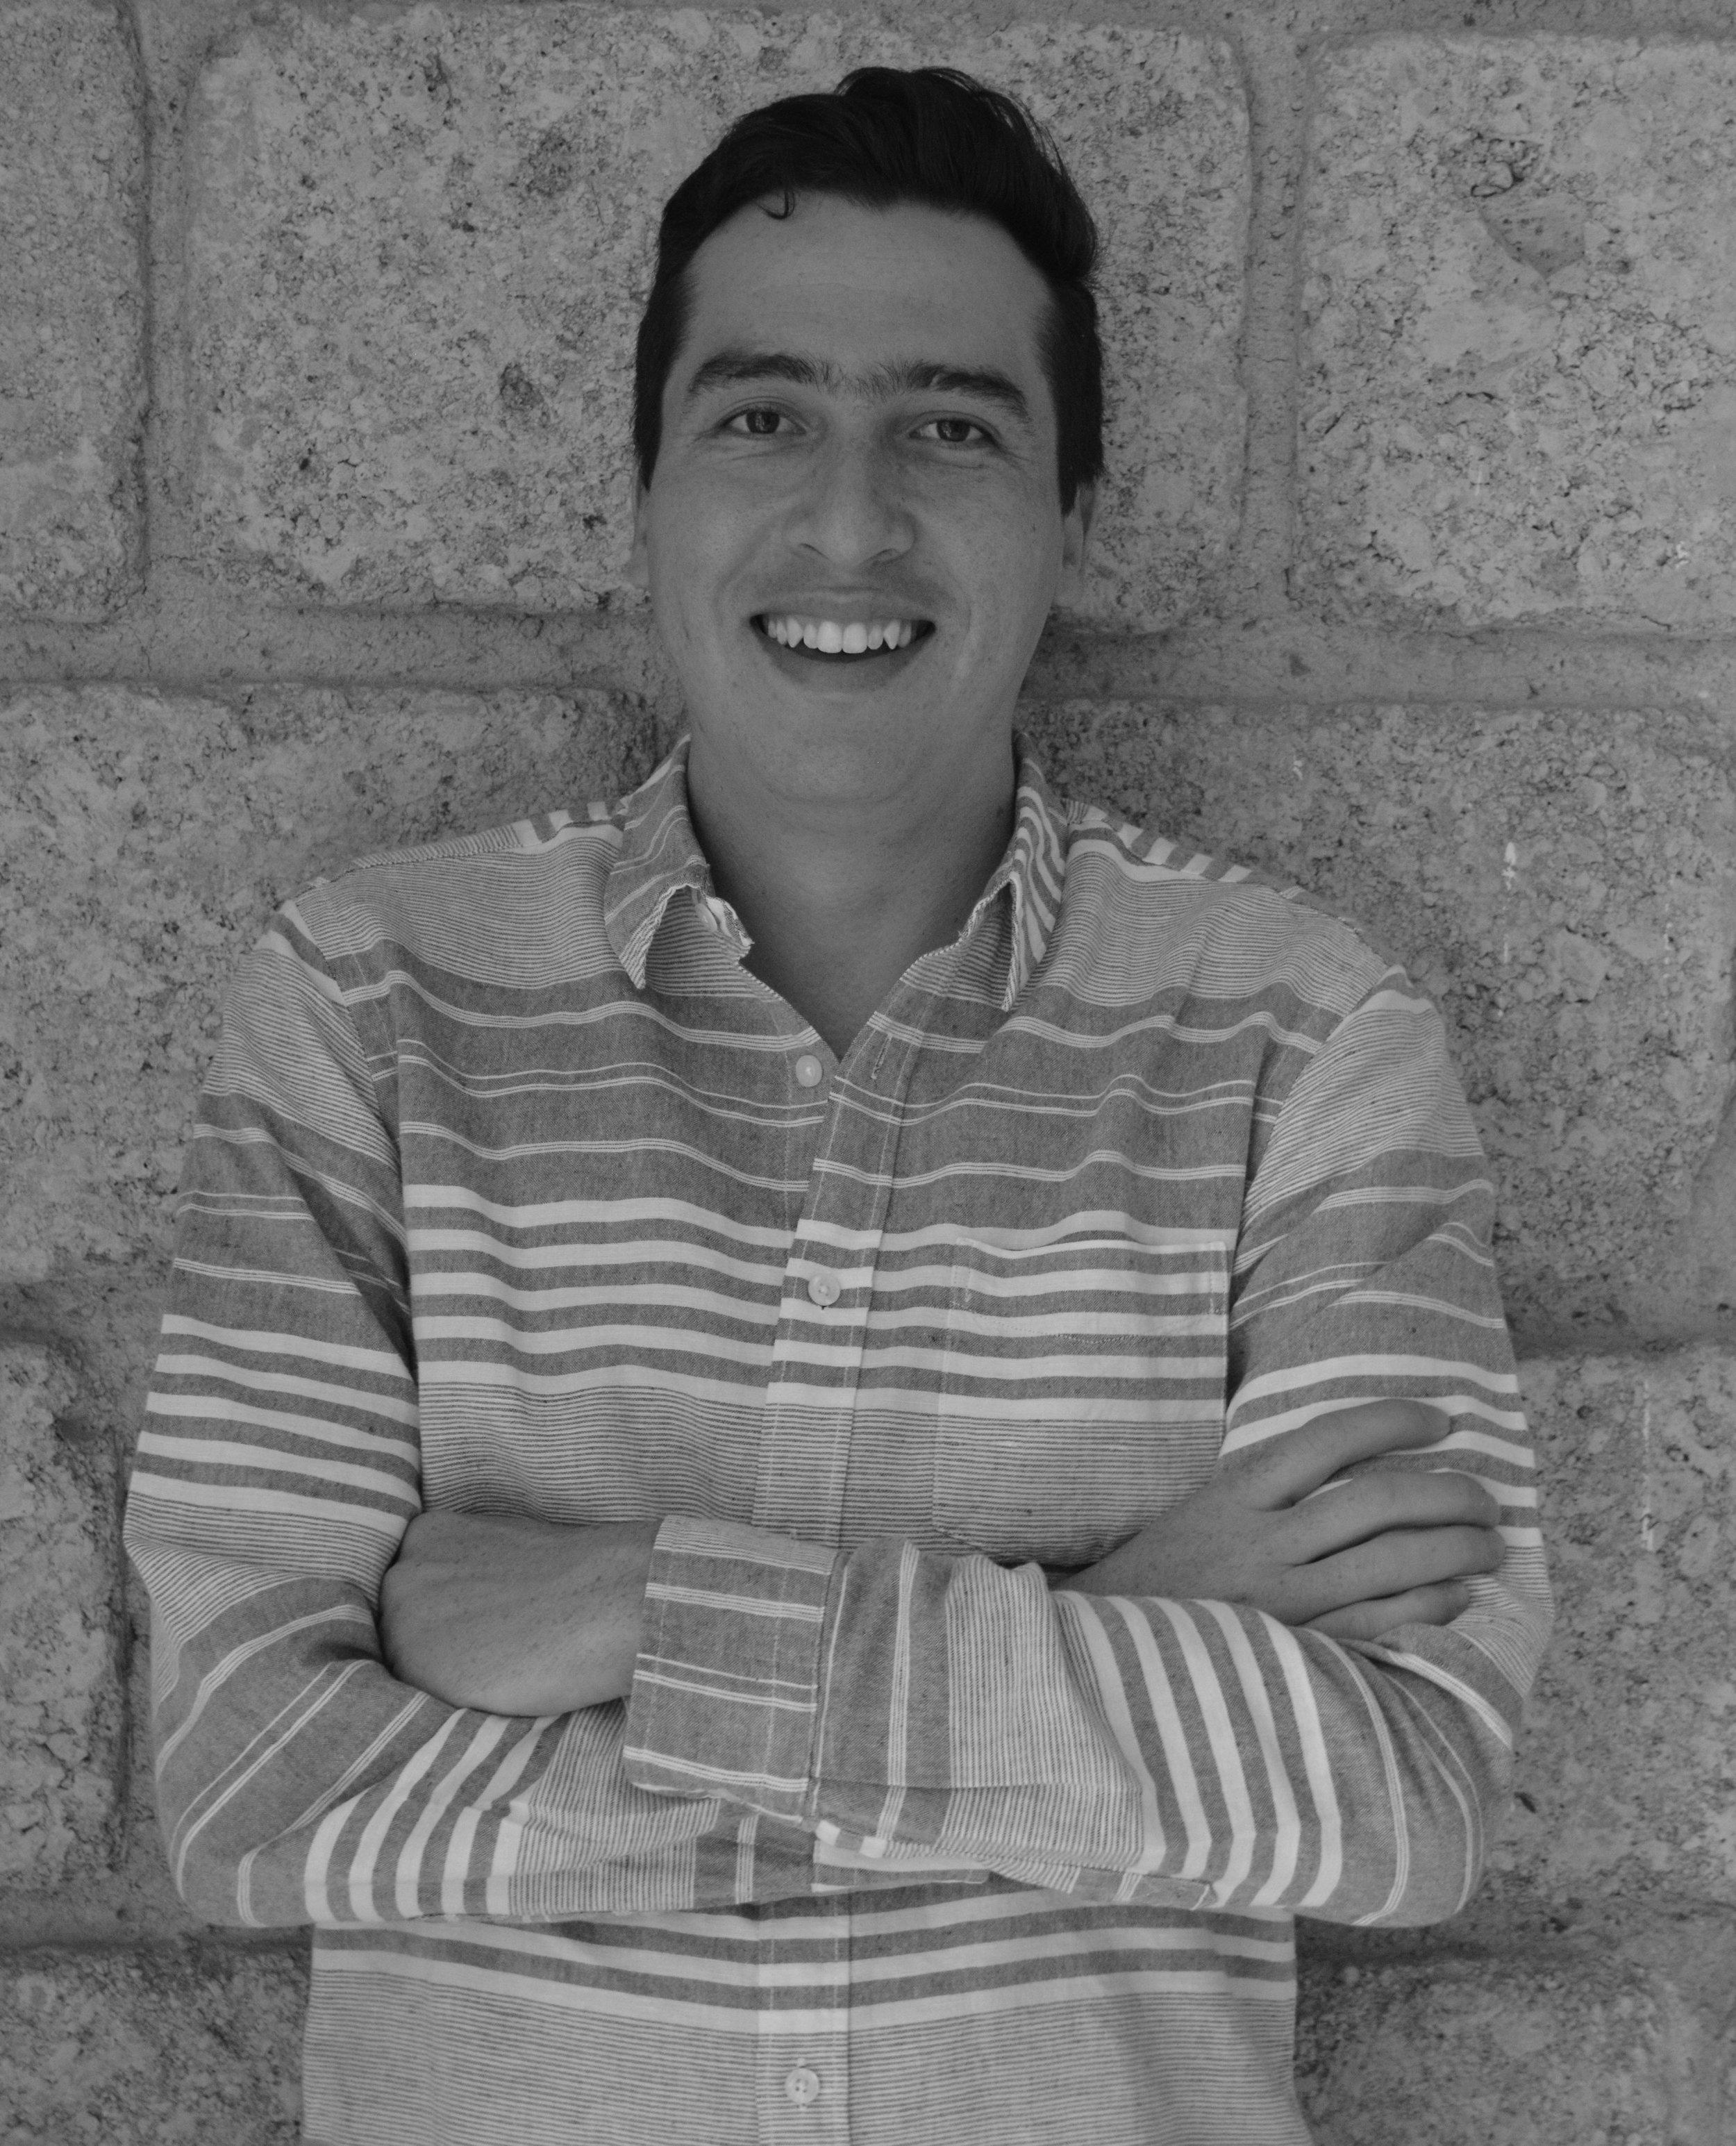 Emiliano Díaz   Emiliano es Economista del comportamiento. Es co-fundador de NUDØ, y del InstitutoMexicano de Economía del Comportamiento. Tiene un master en Behavioural & Experimental Economics por la Universidad de Nottingham. Tiene un interés especial por integrar principios de Economía del Comportamiento al diseño de productos que cambien positivamente el comportamiento de las personas.